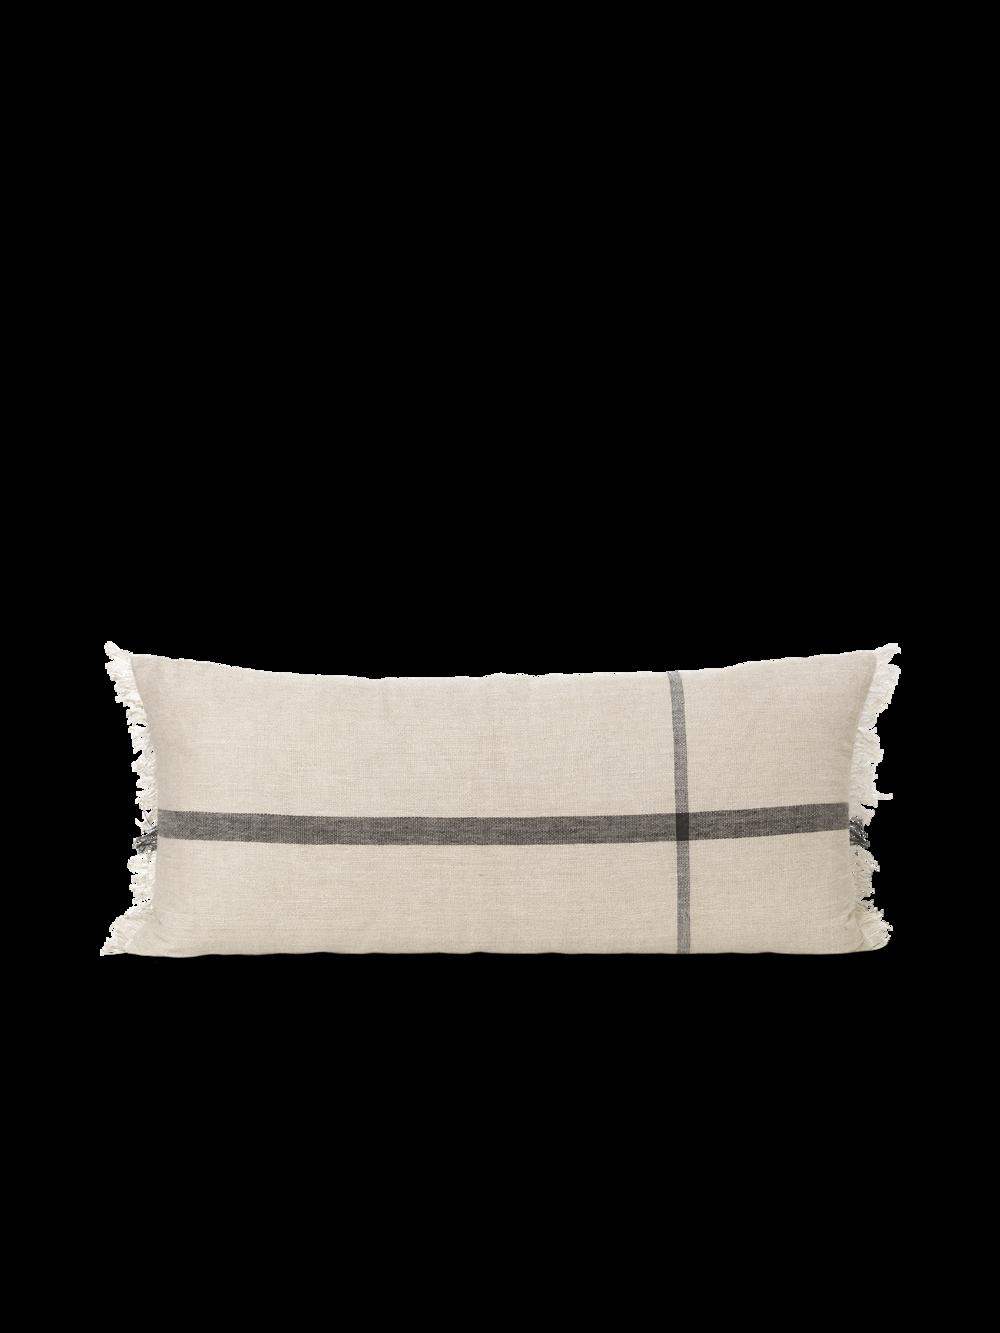 Calm Cushion - Camel/Black 40x90